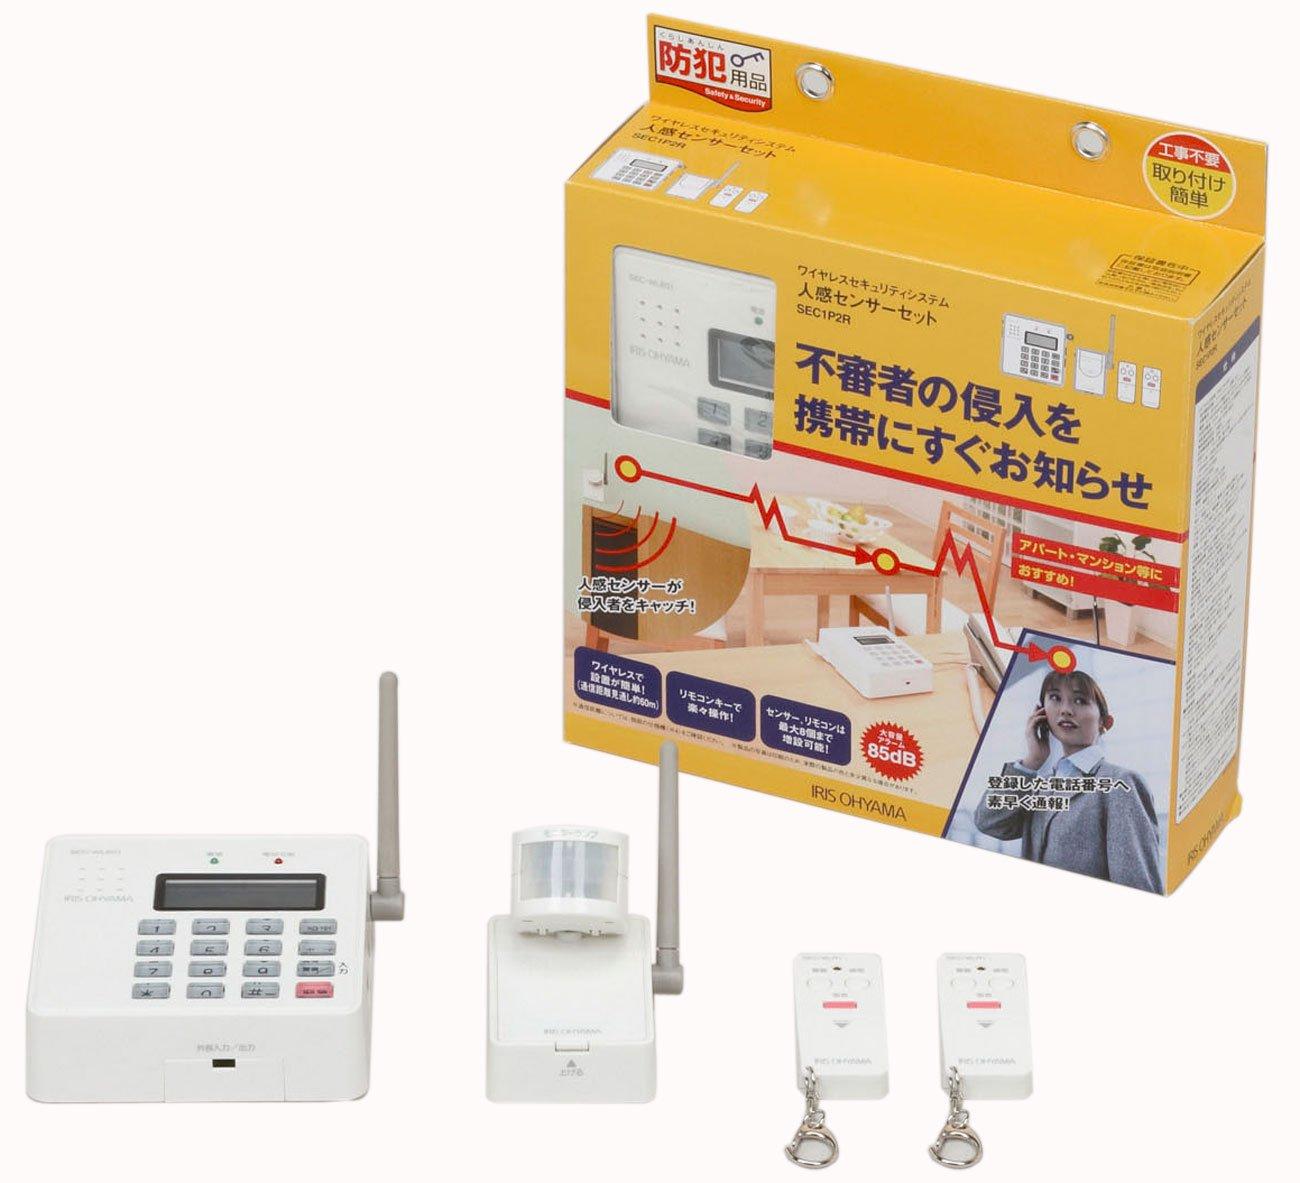 ワイヤレスセキュリティシステム ワイヤレス人感センサーセット SEC1P2R 31925 B00182QO3G